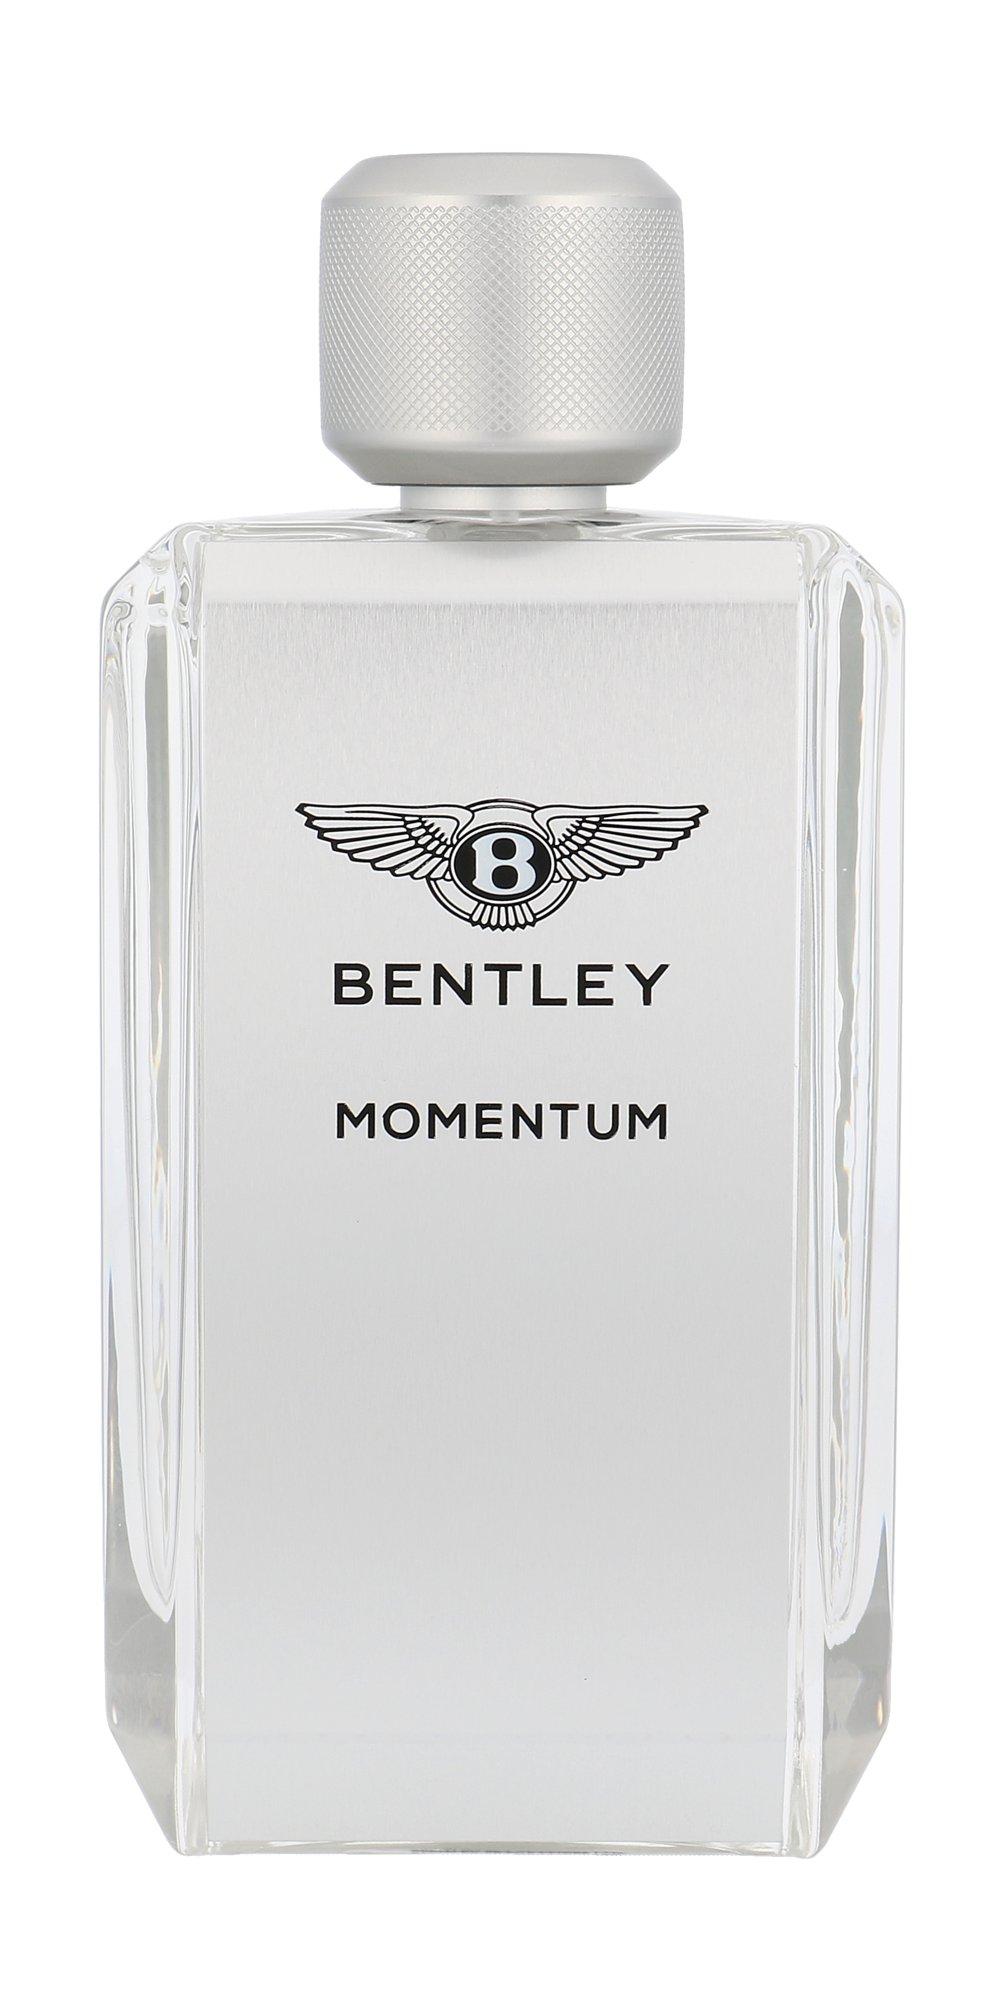 Bentley Momentum, edt 100ml